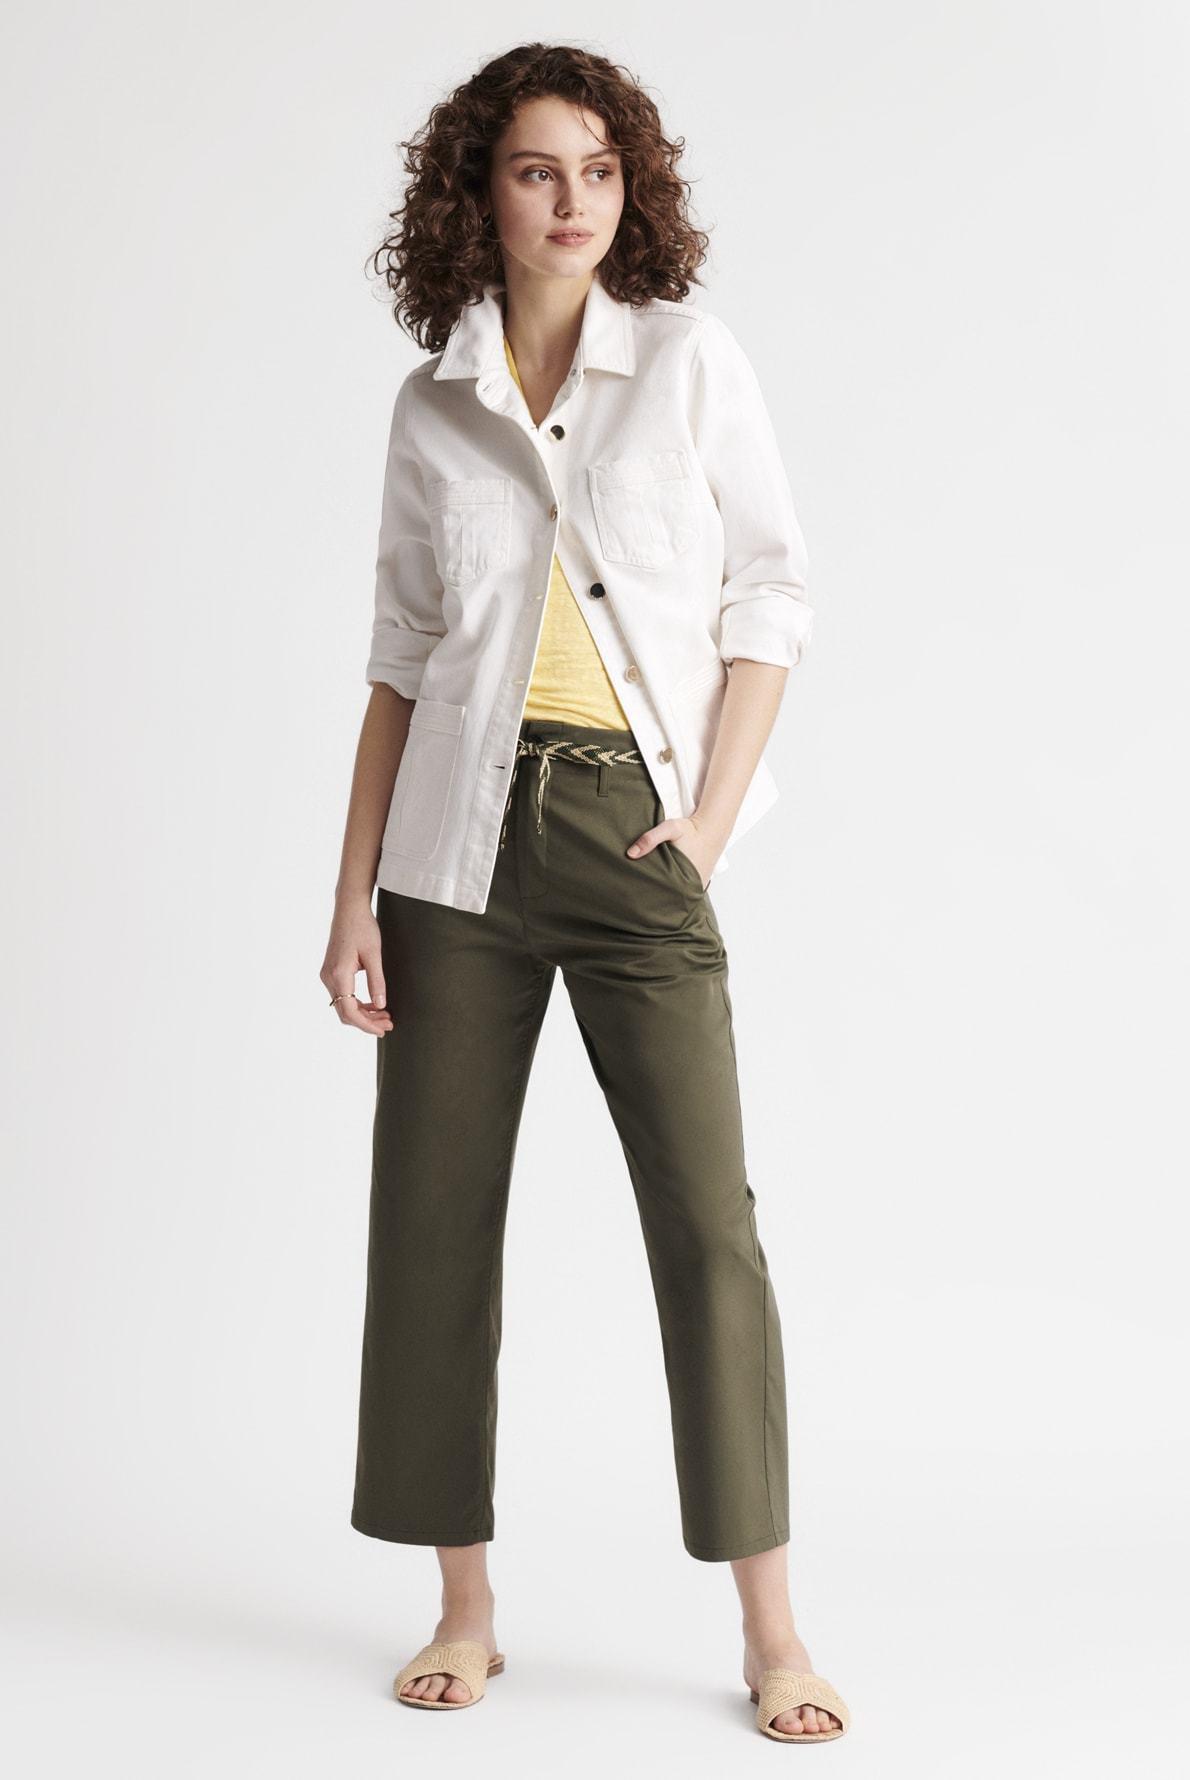 MARCELLA - Широкие брюки - стрейч длиной 7/8 из смесового хлопка